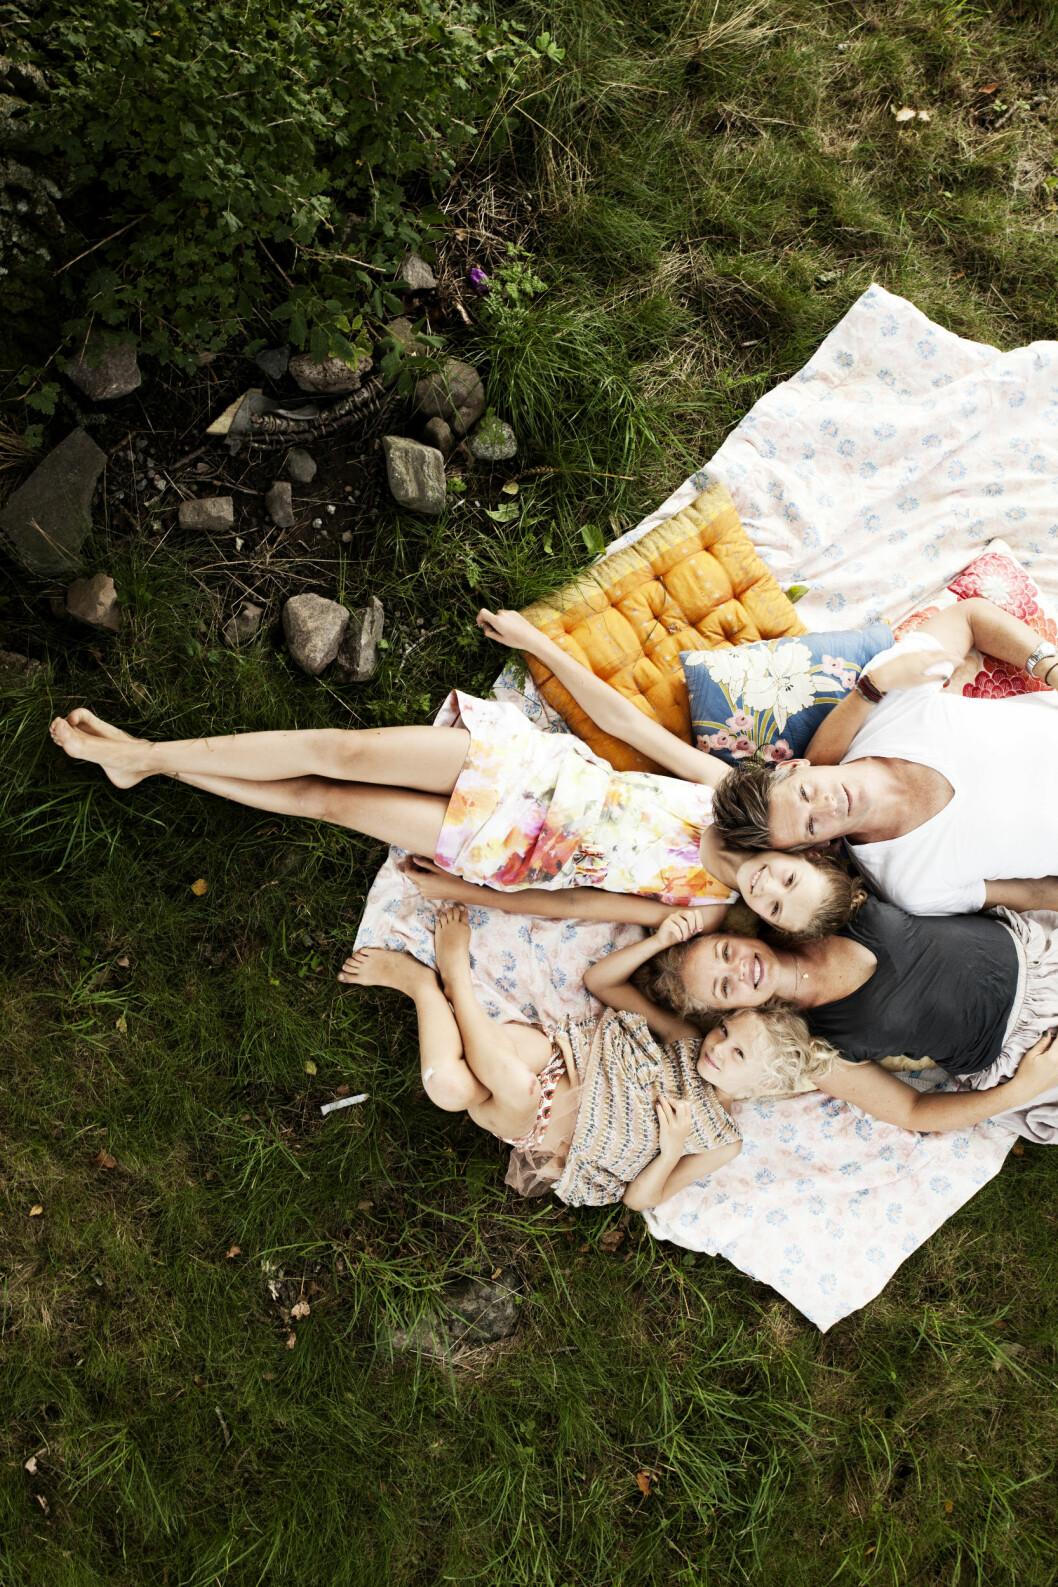 FANT DET PERFEKTE: Denne familien har virkelig truffet jackpot med sommerhuset sitt! Foto: Jenny Brandt/Linnea Press